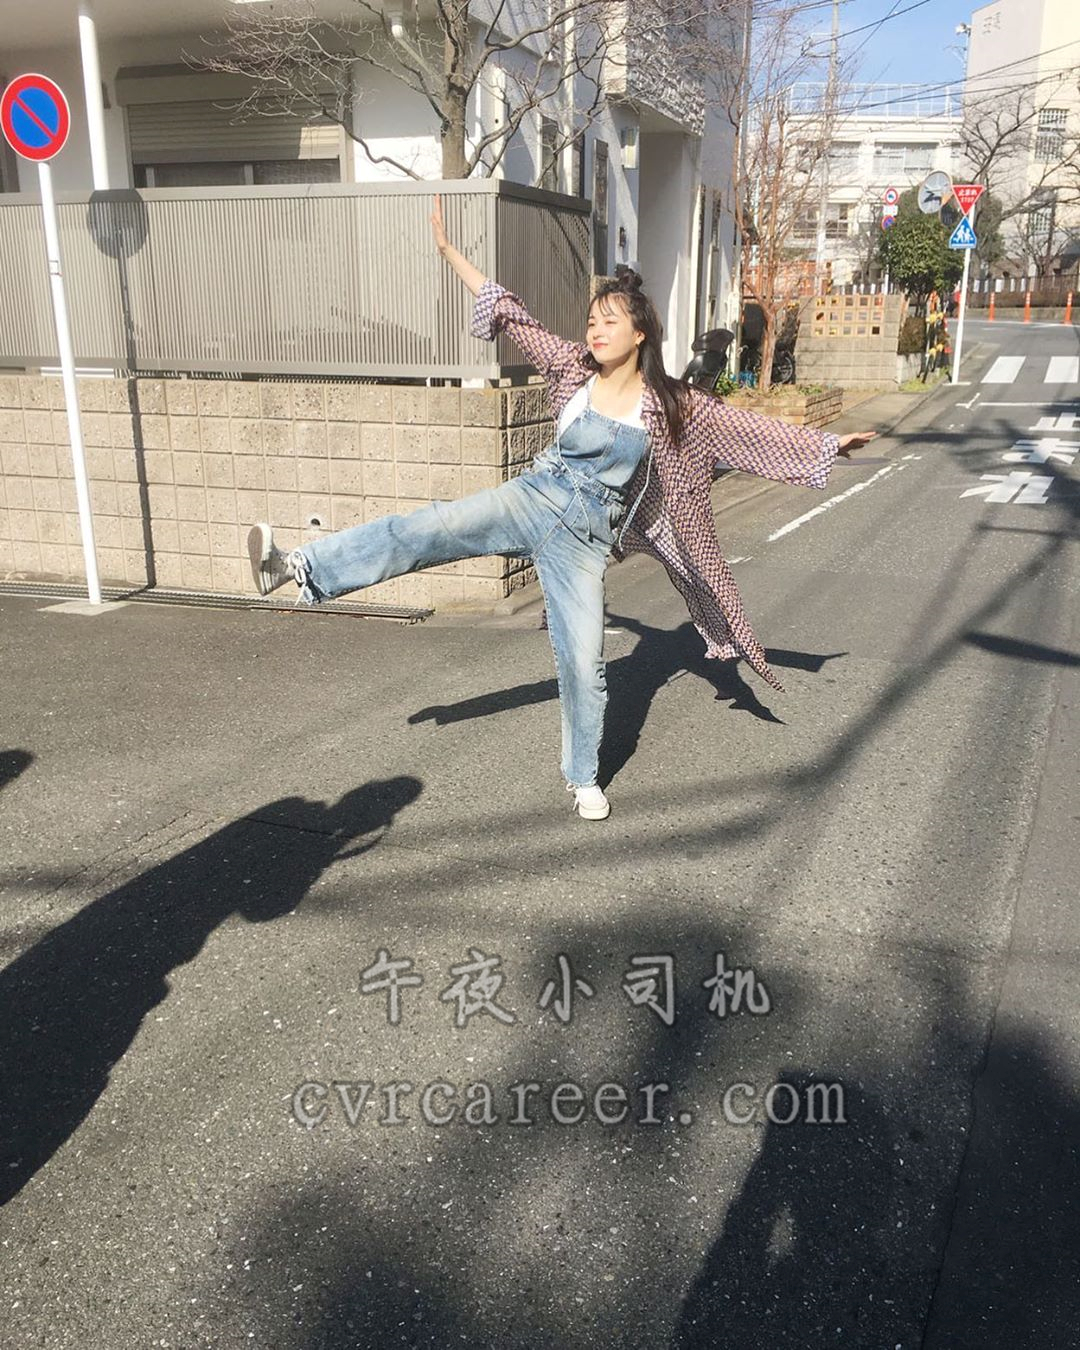 宅妹子suzu.hirose.official的图片 第2张